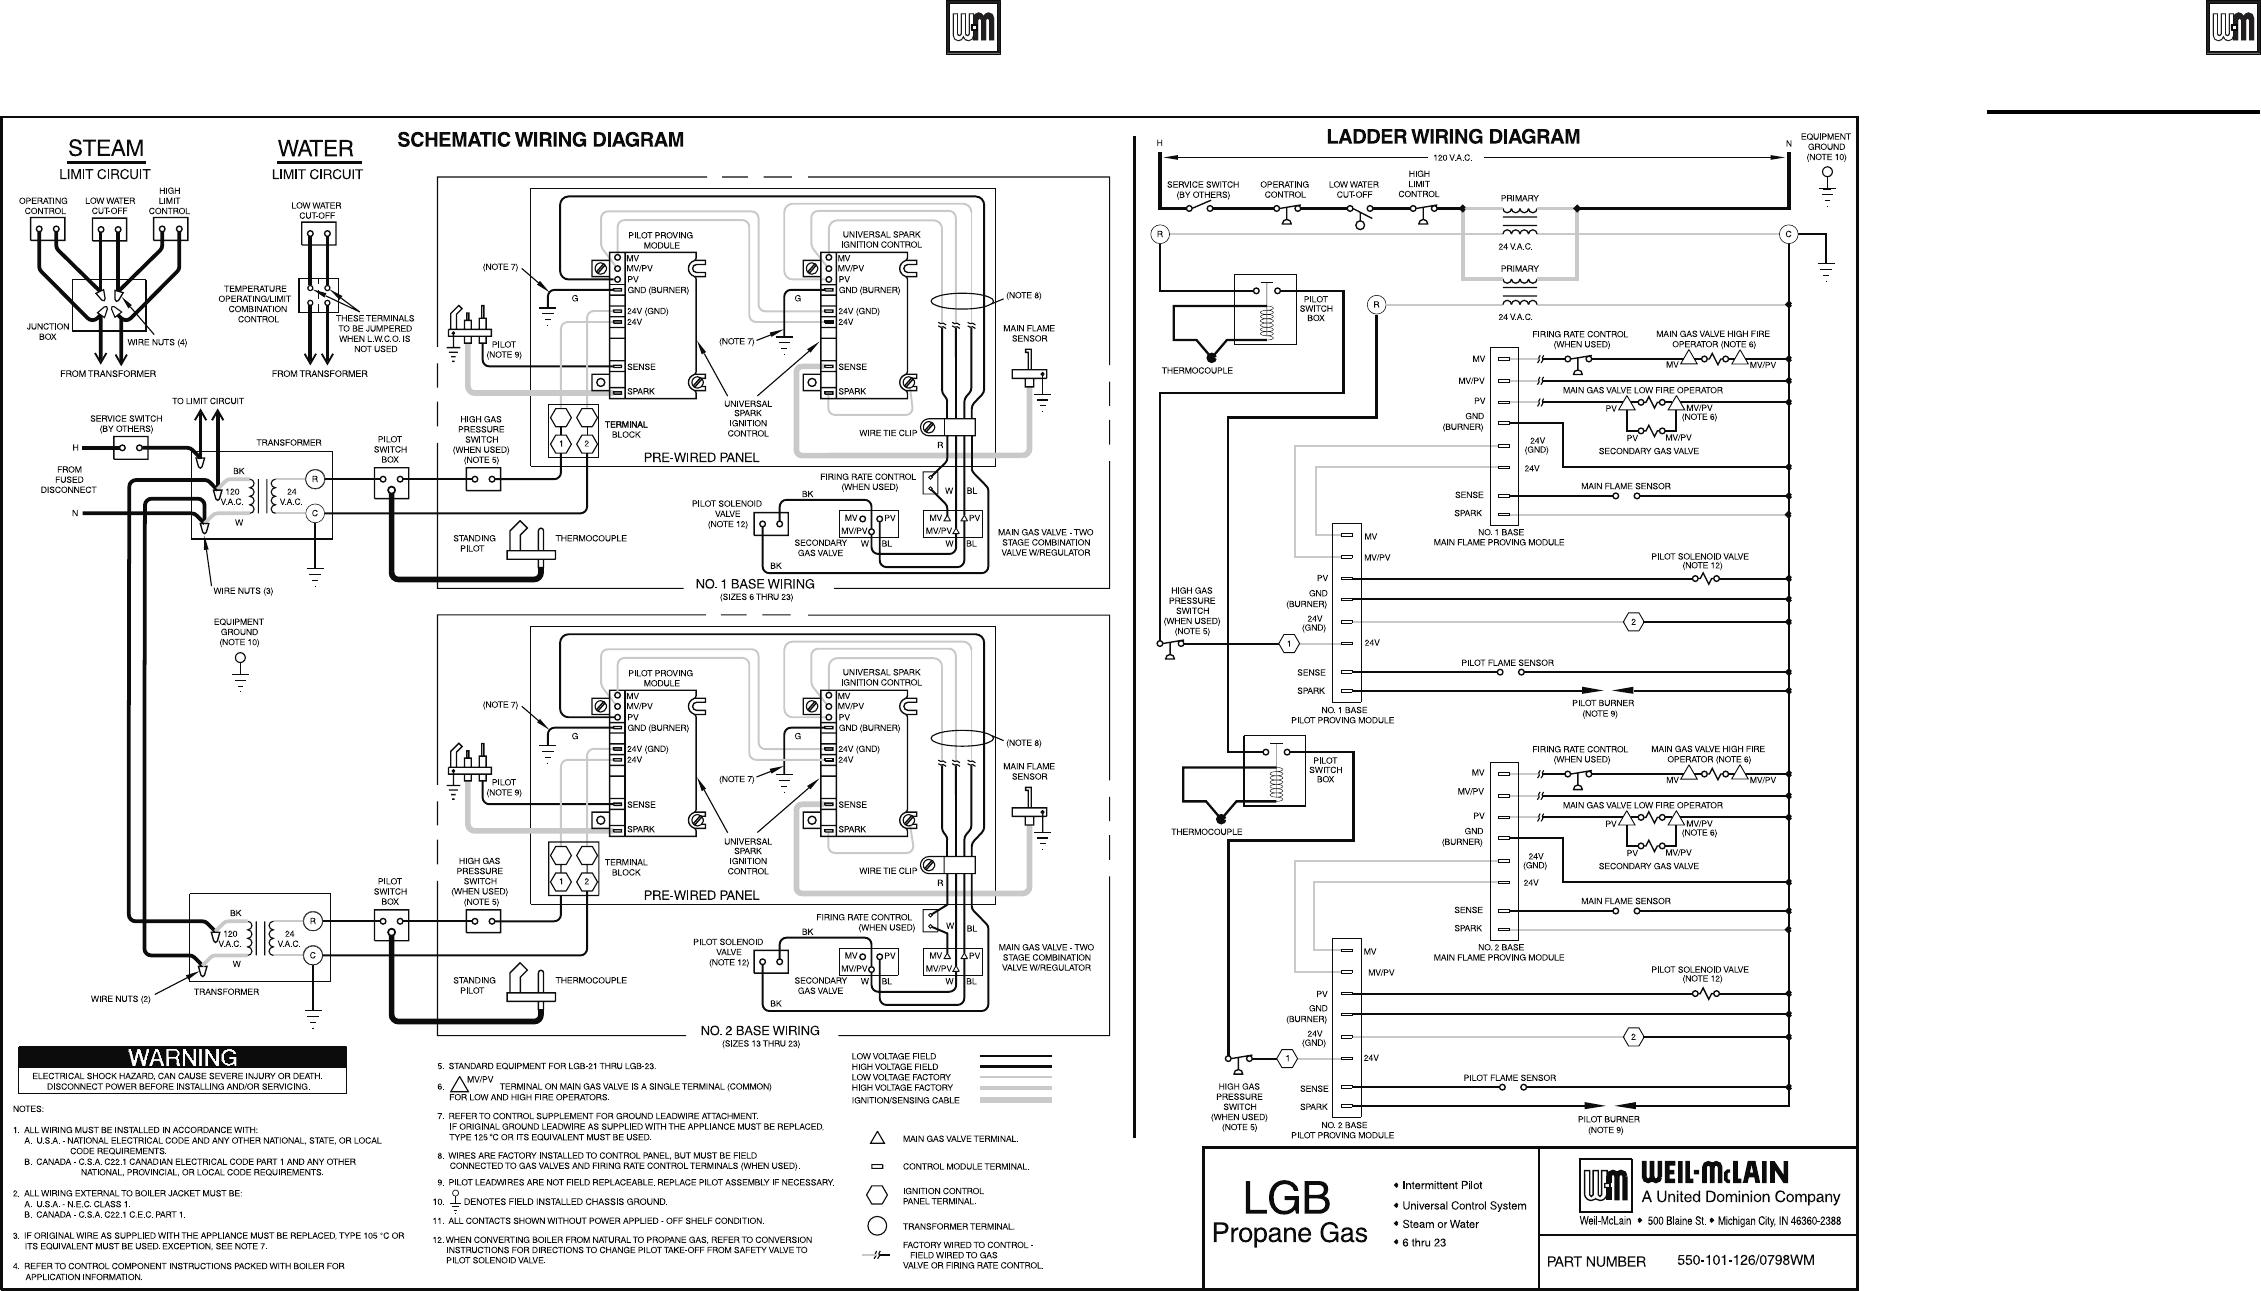 Weil Mclain Series 2 Lgb 10 Users Manual 141797 P65